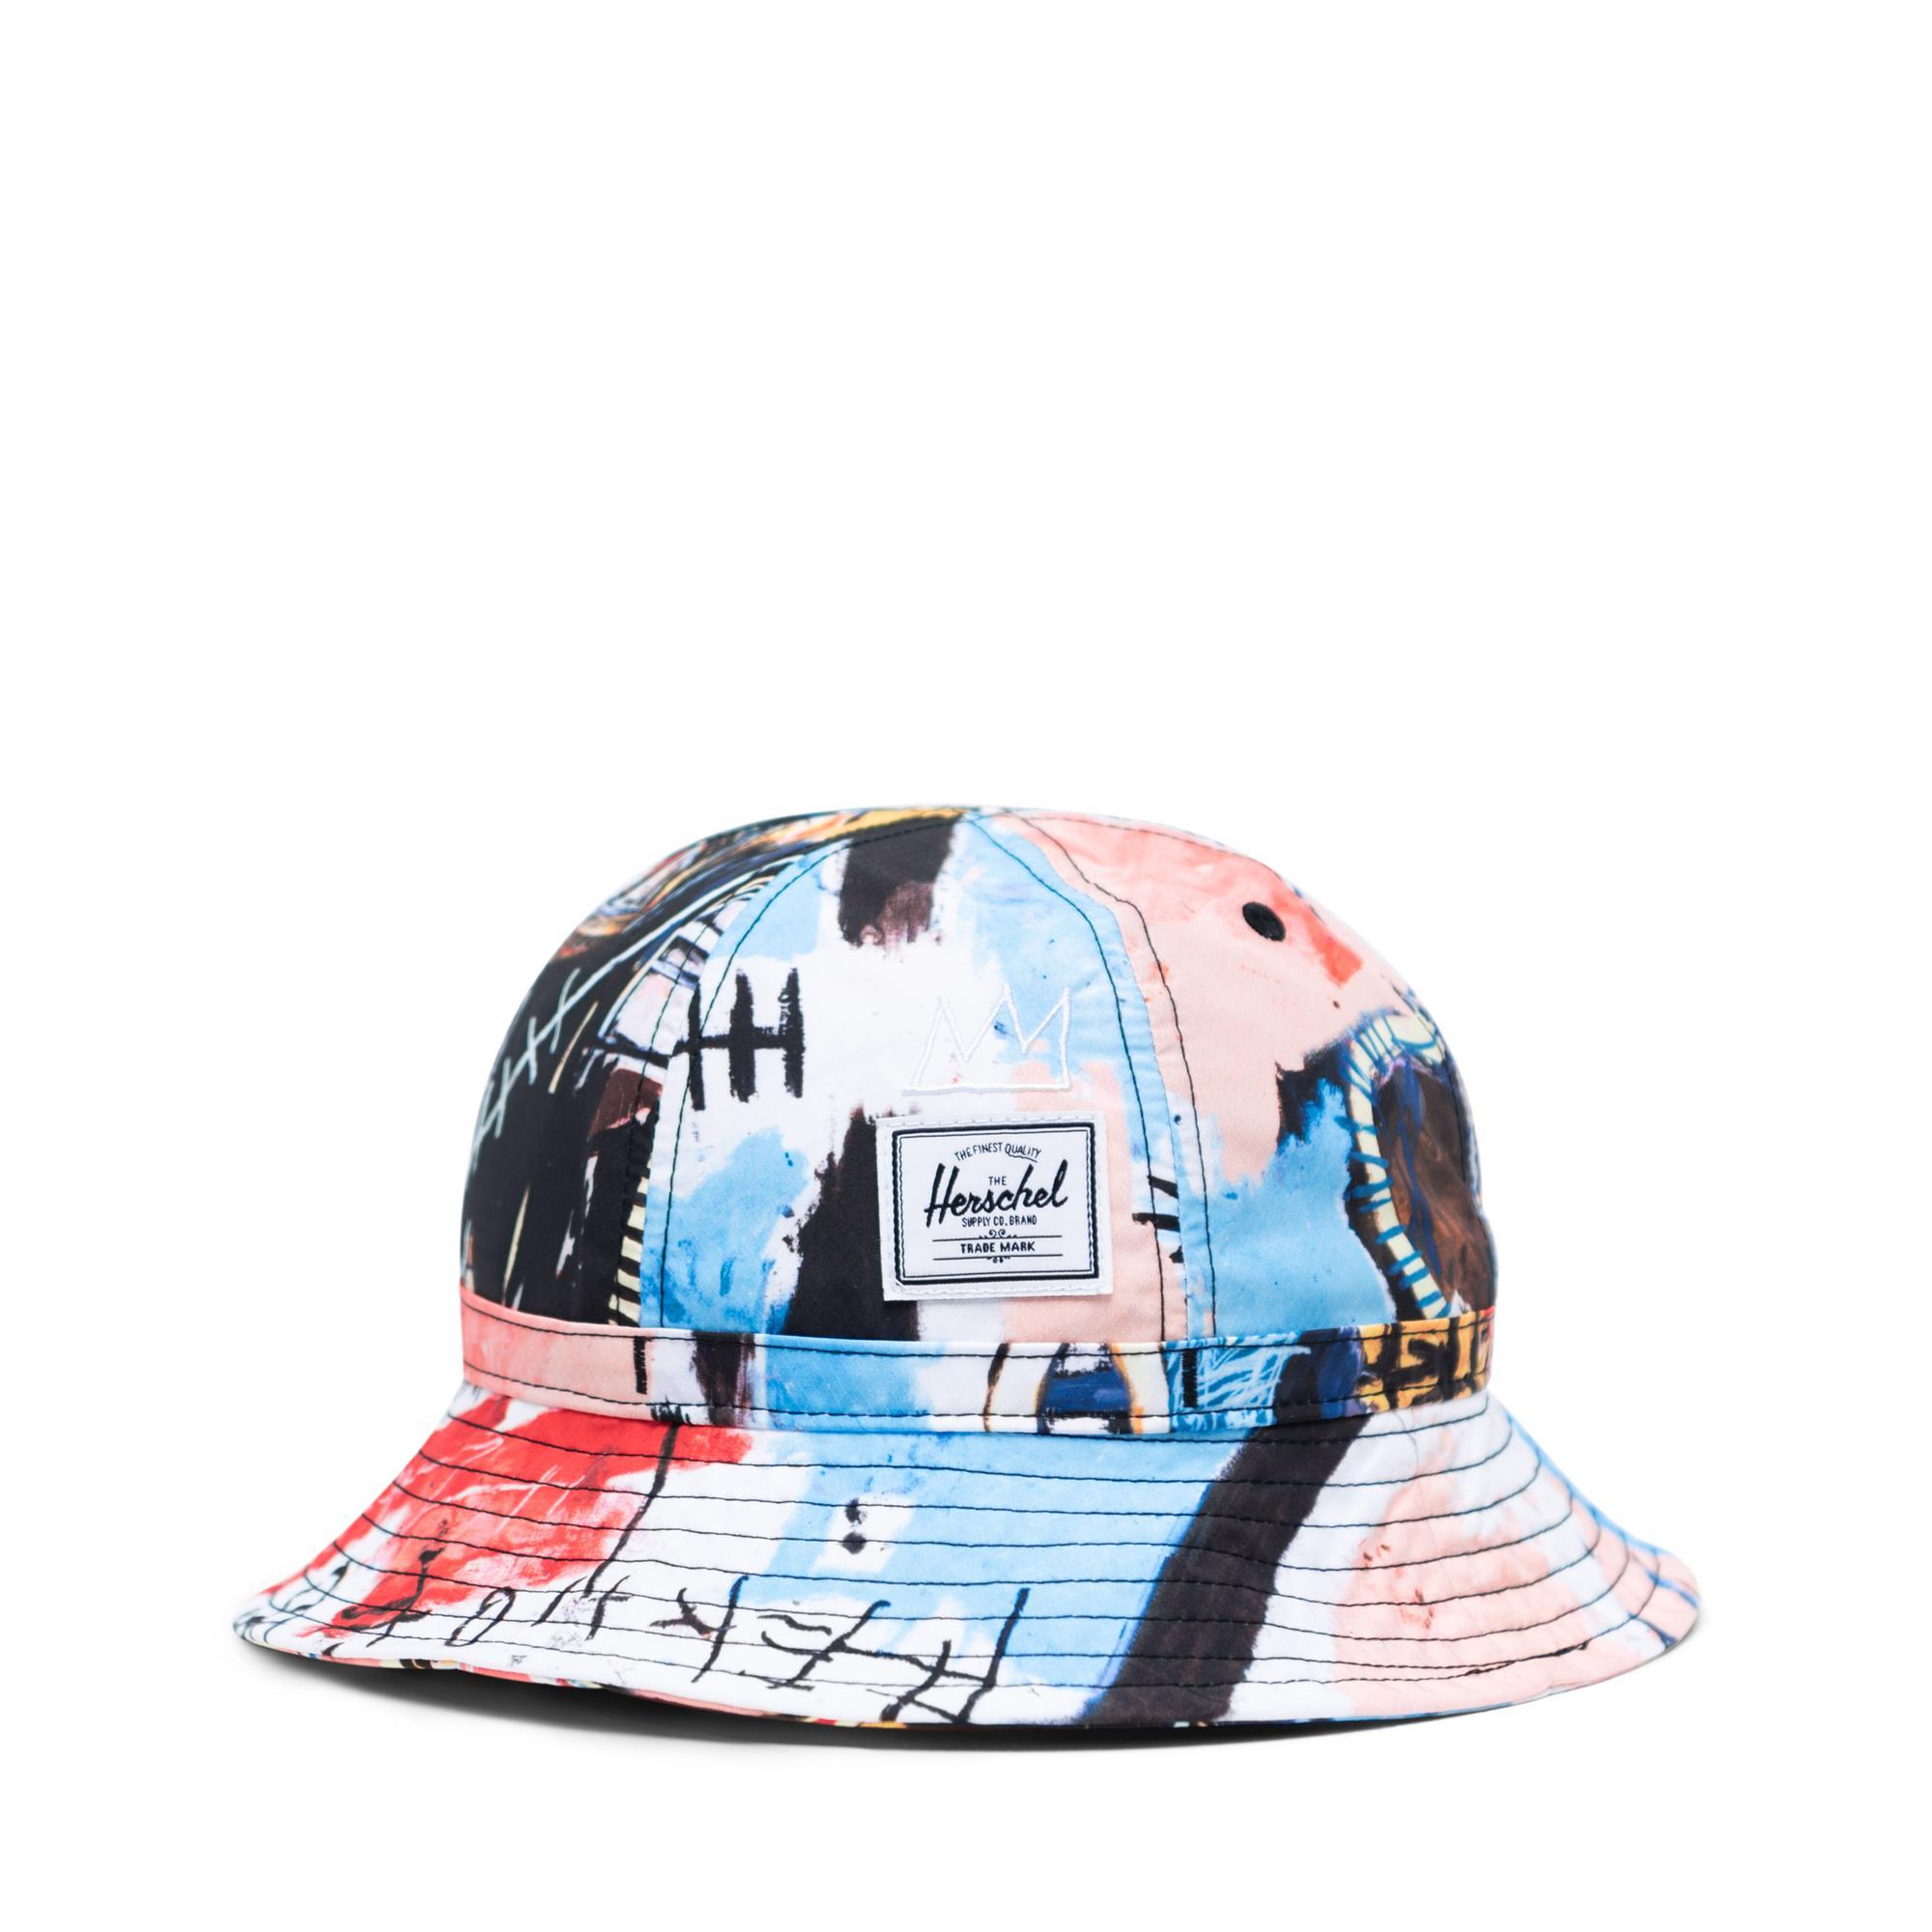 30e6573d4076 Cooperman Bucket Hat Basquiat   Herschel Supply Company